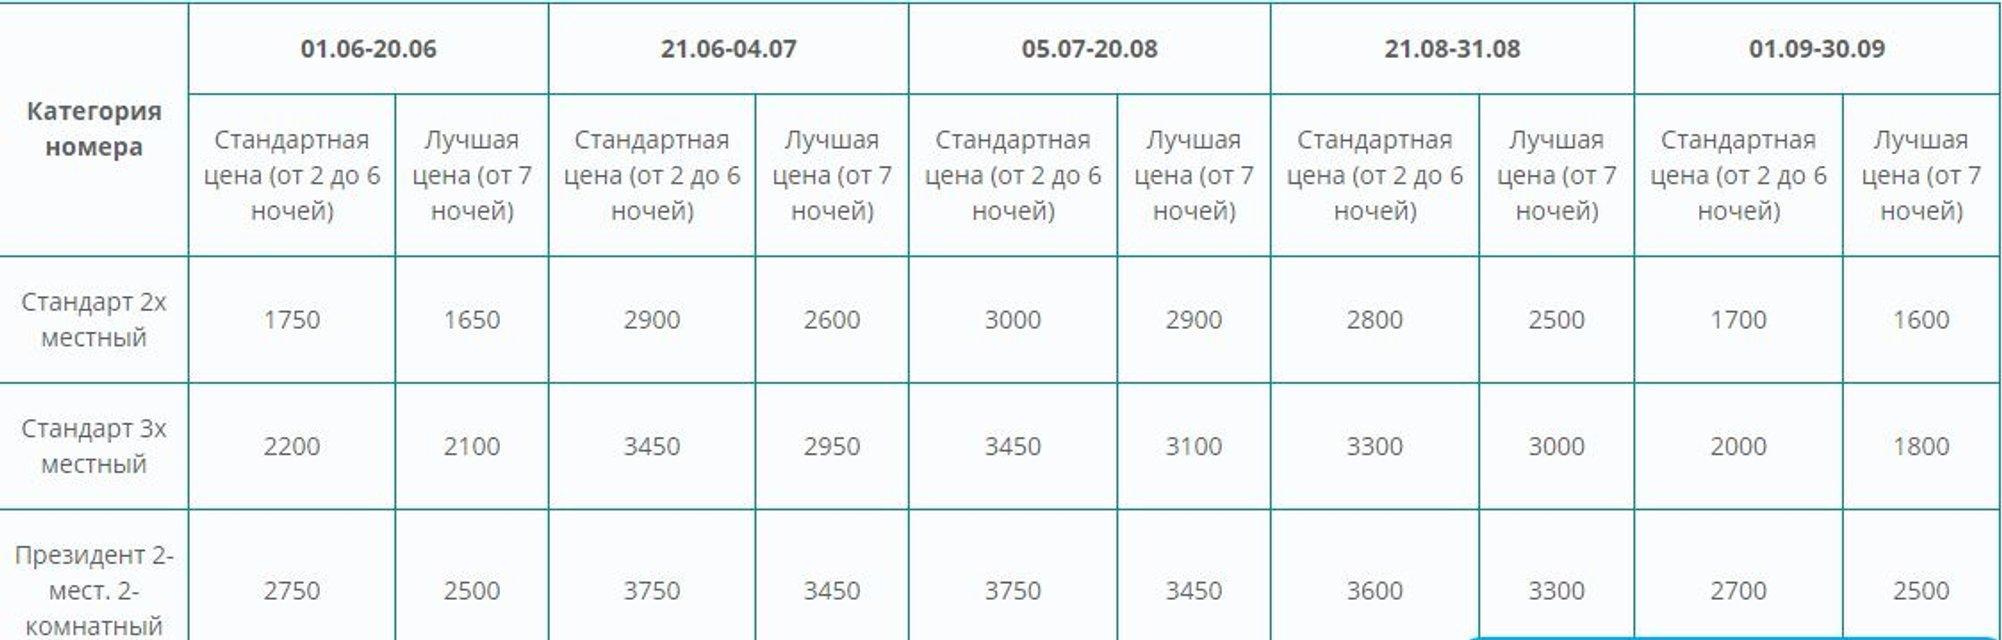 Корпоратив Укравтодора: активистка распространила неточную информацию об мероприятии - фото 132567